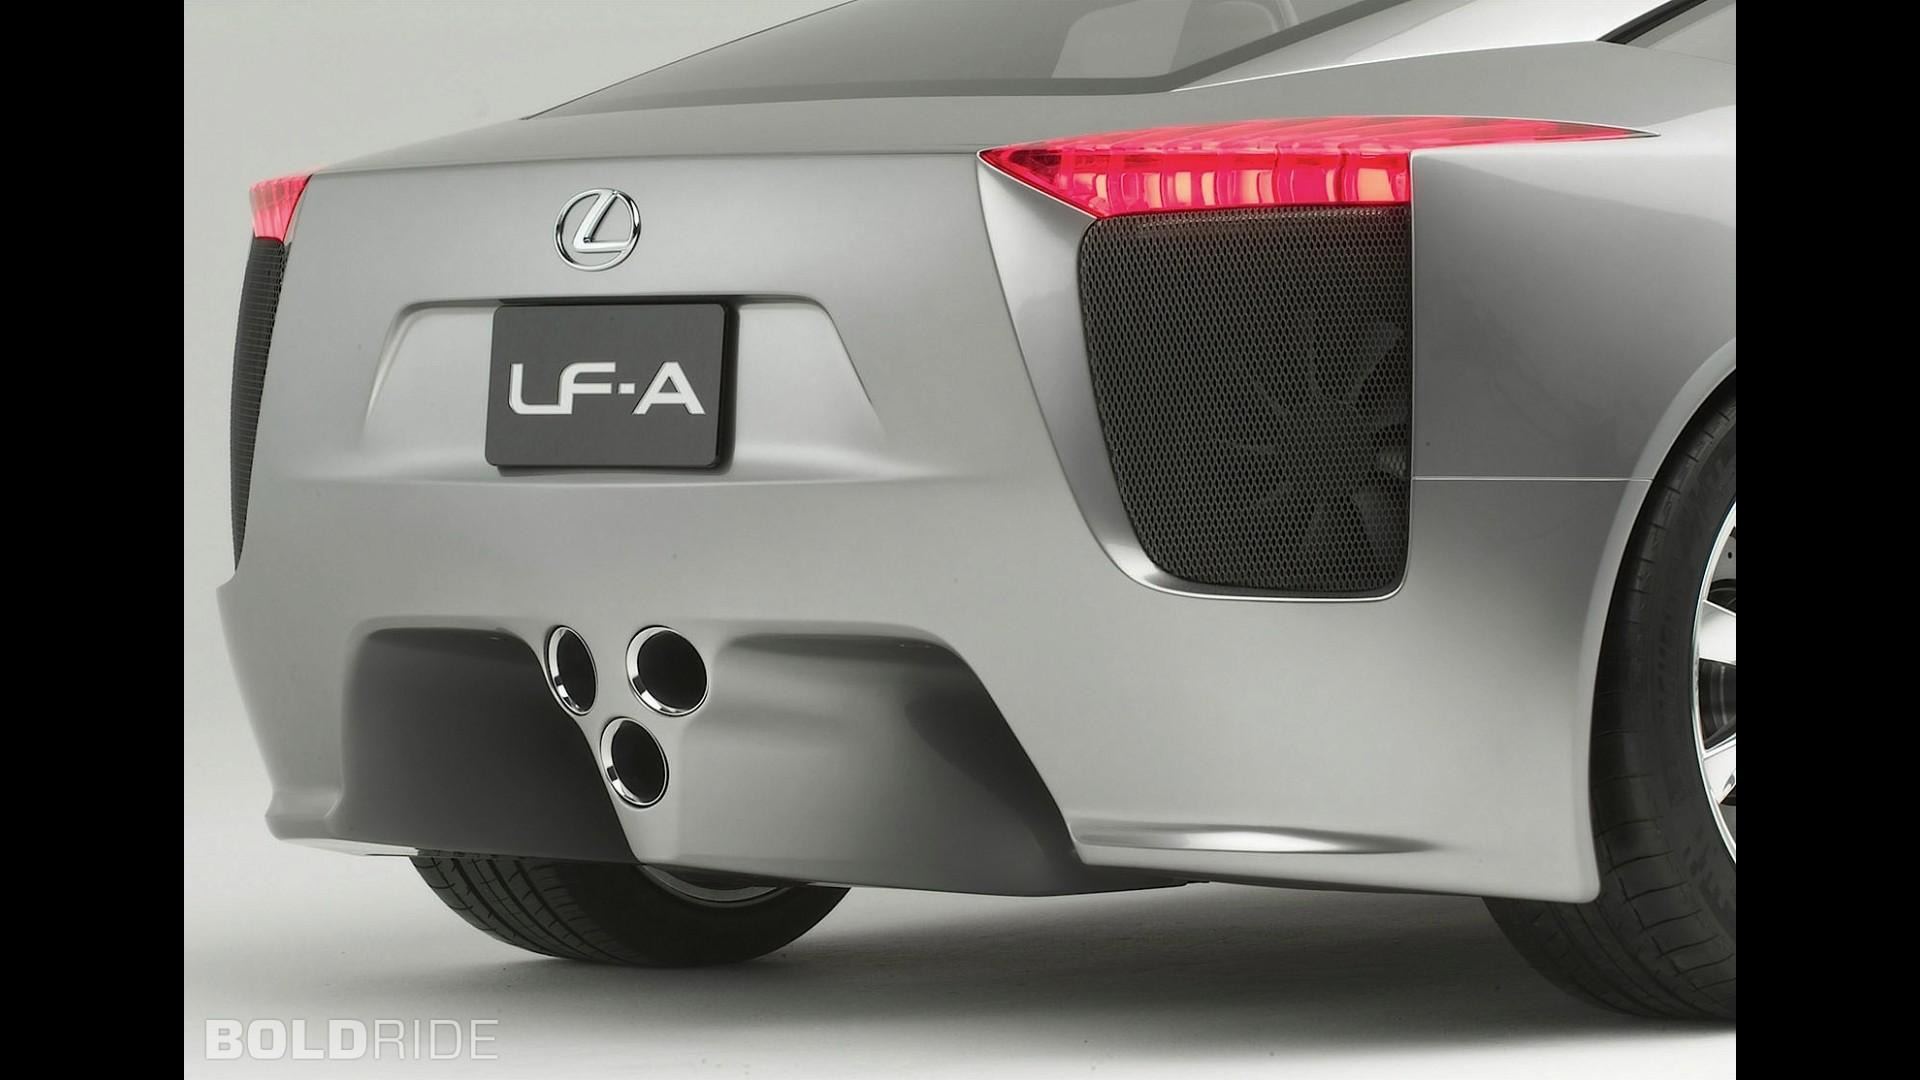 https://icdn-3.motor1.com/images/mgl/vPmZ4/s1/lexus-lf-a-concept.jpg